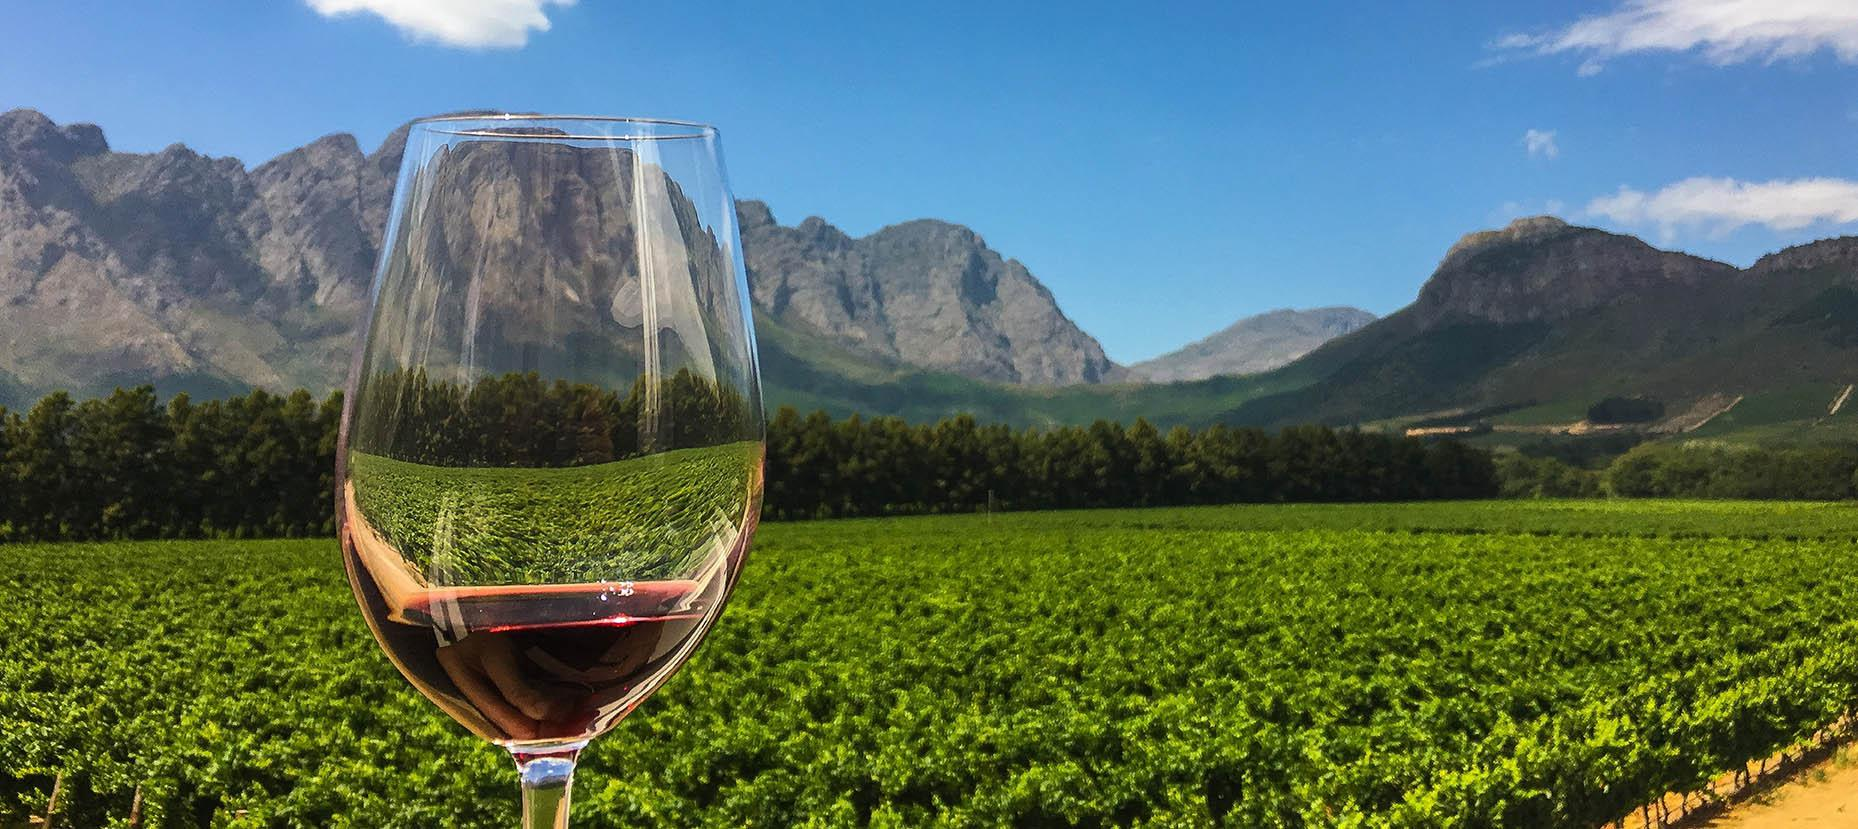 vinsmagning og vinmark i sydafrika